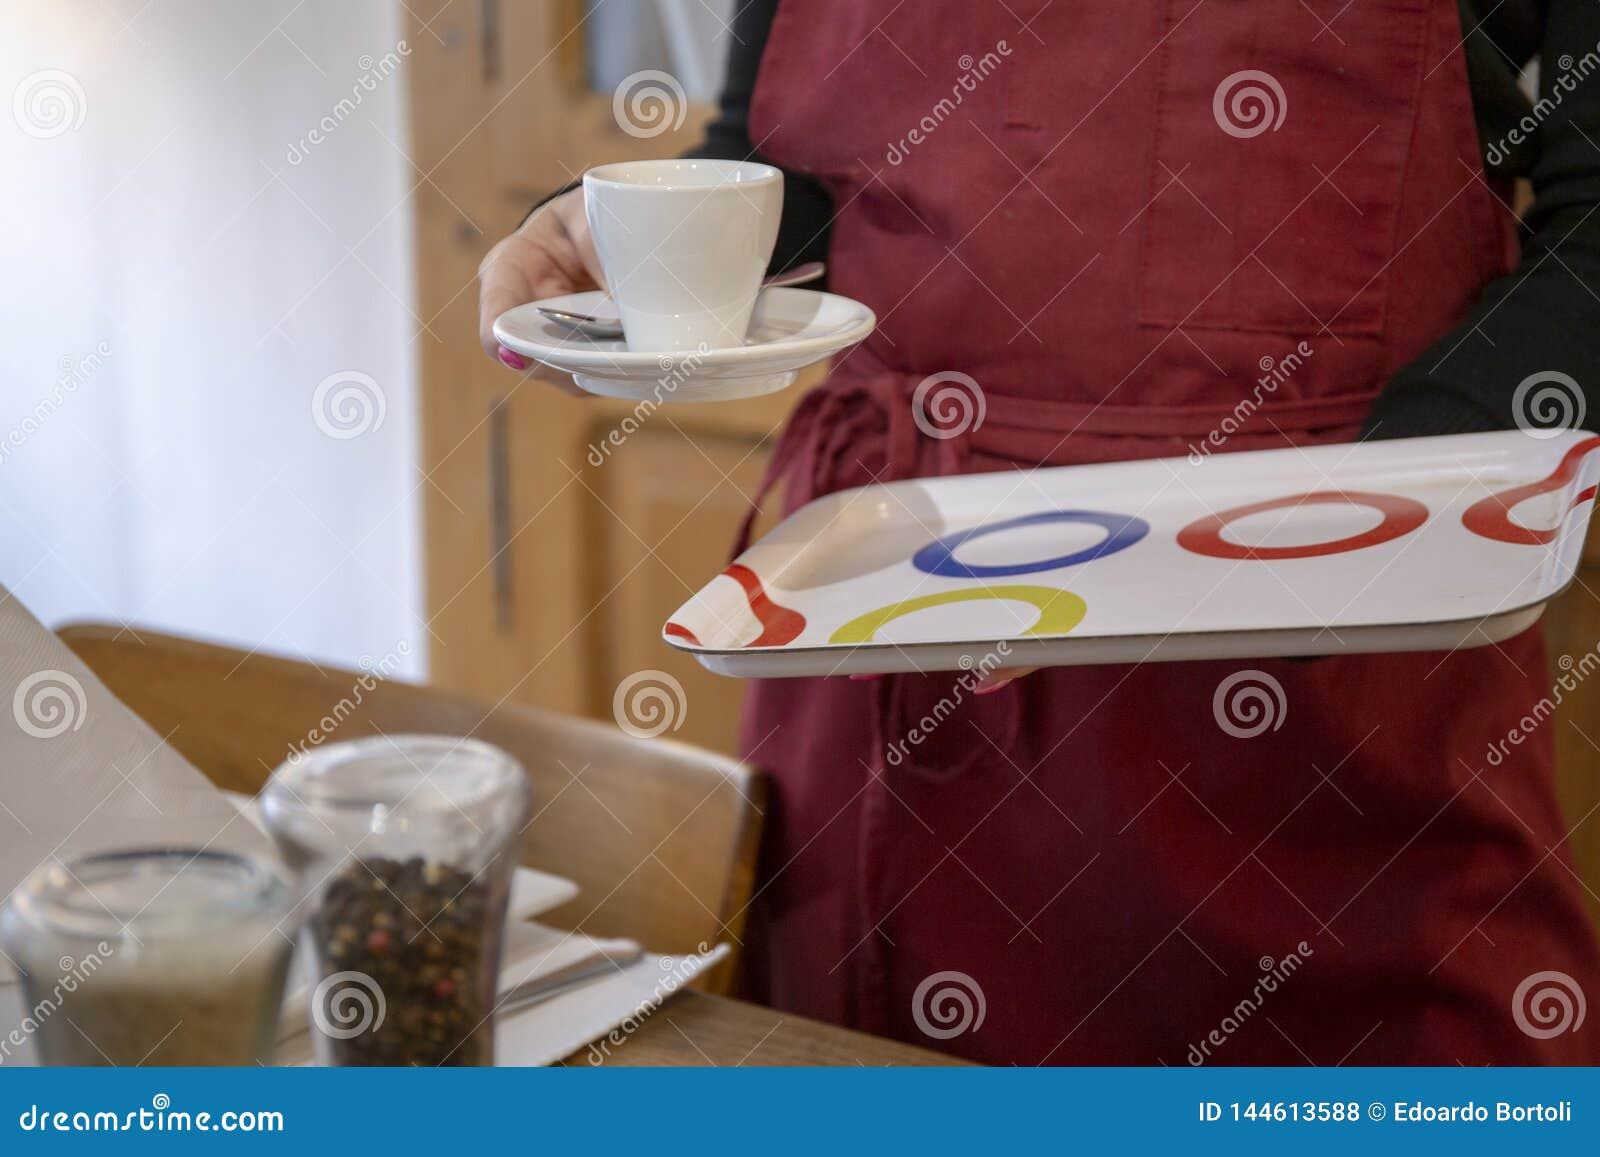 Filiżanka w restauracji